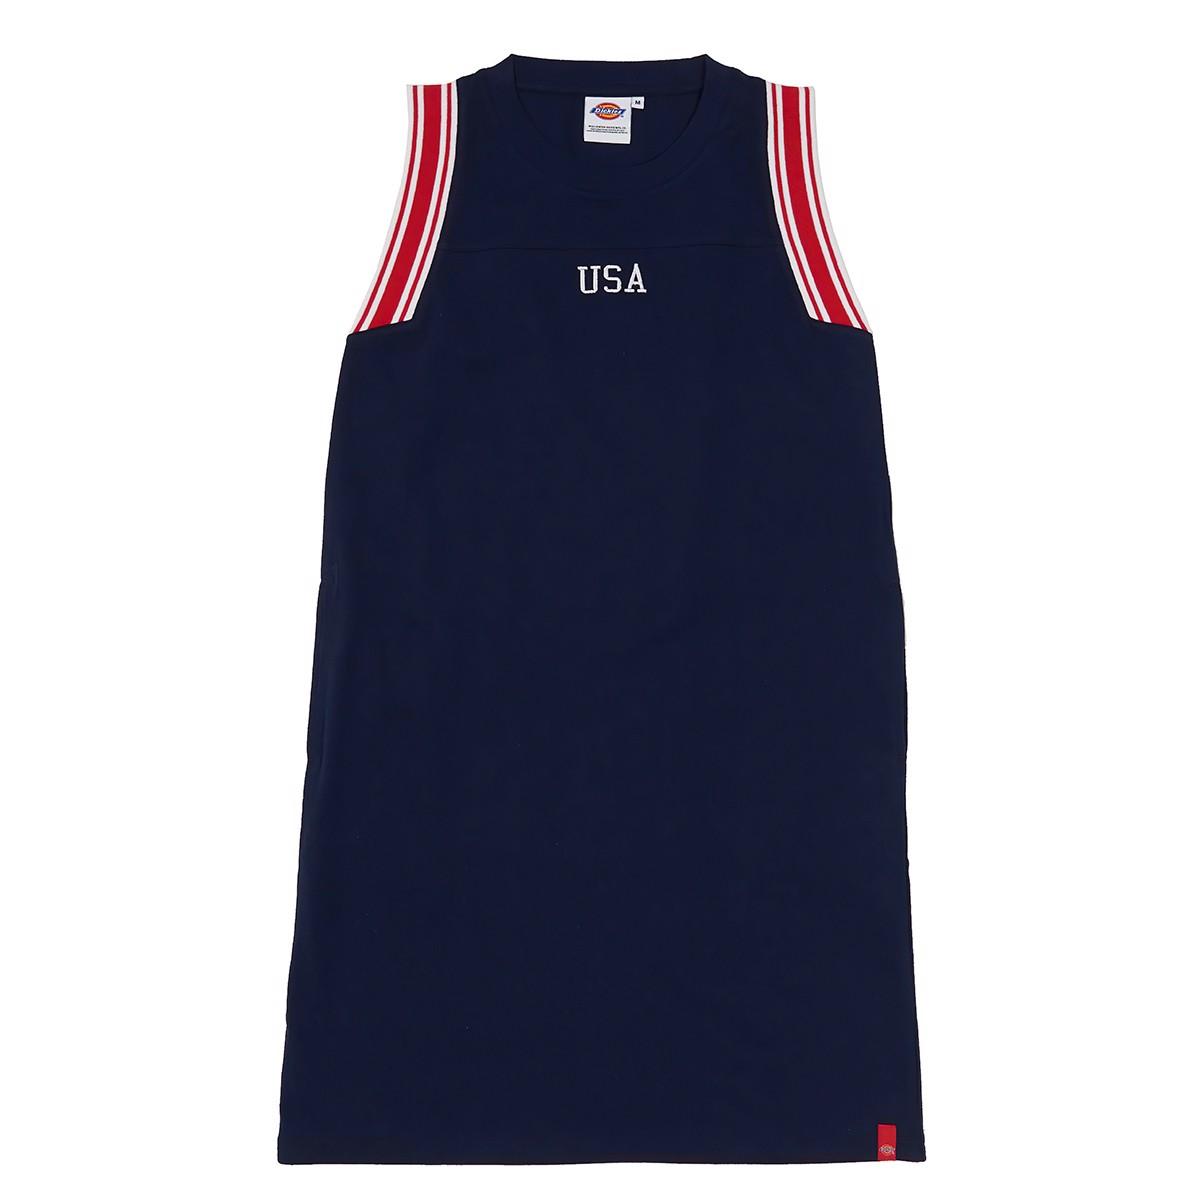 Đầm thun không tay USA